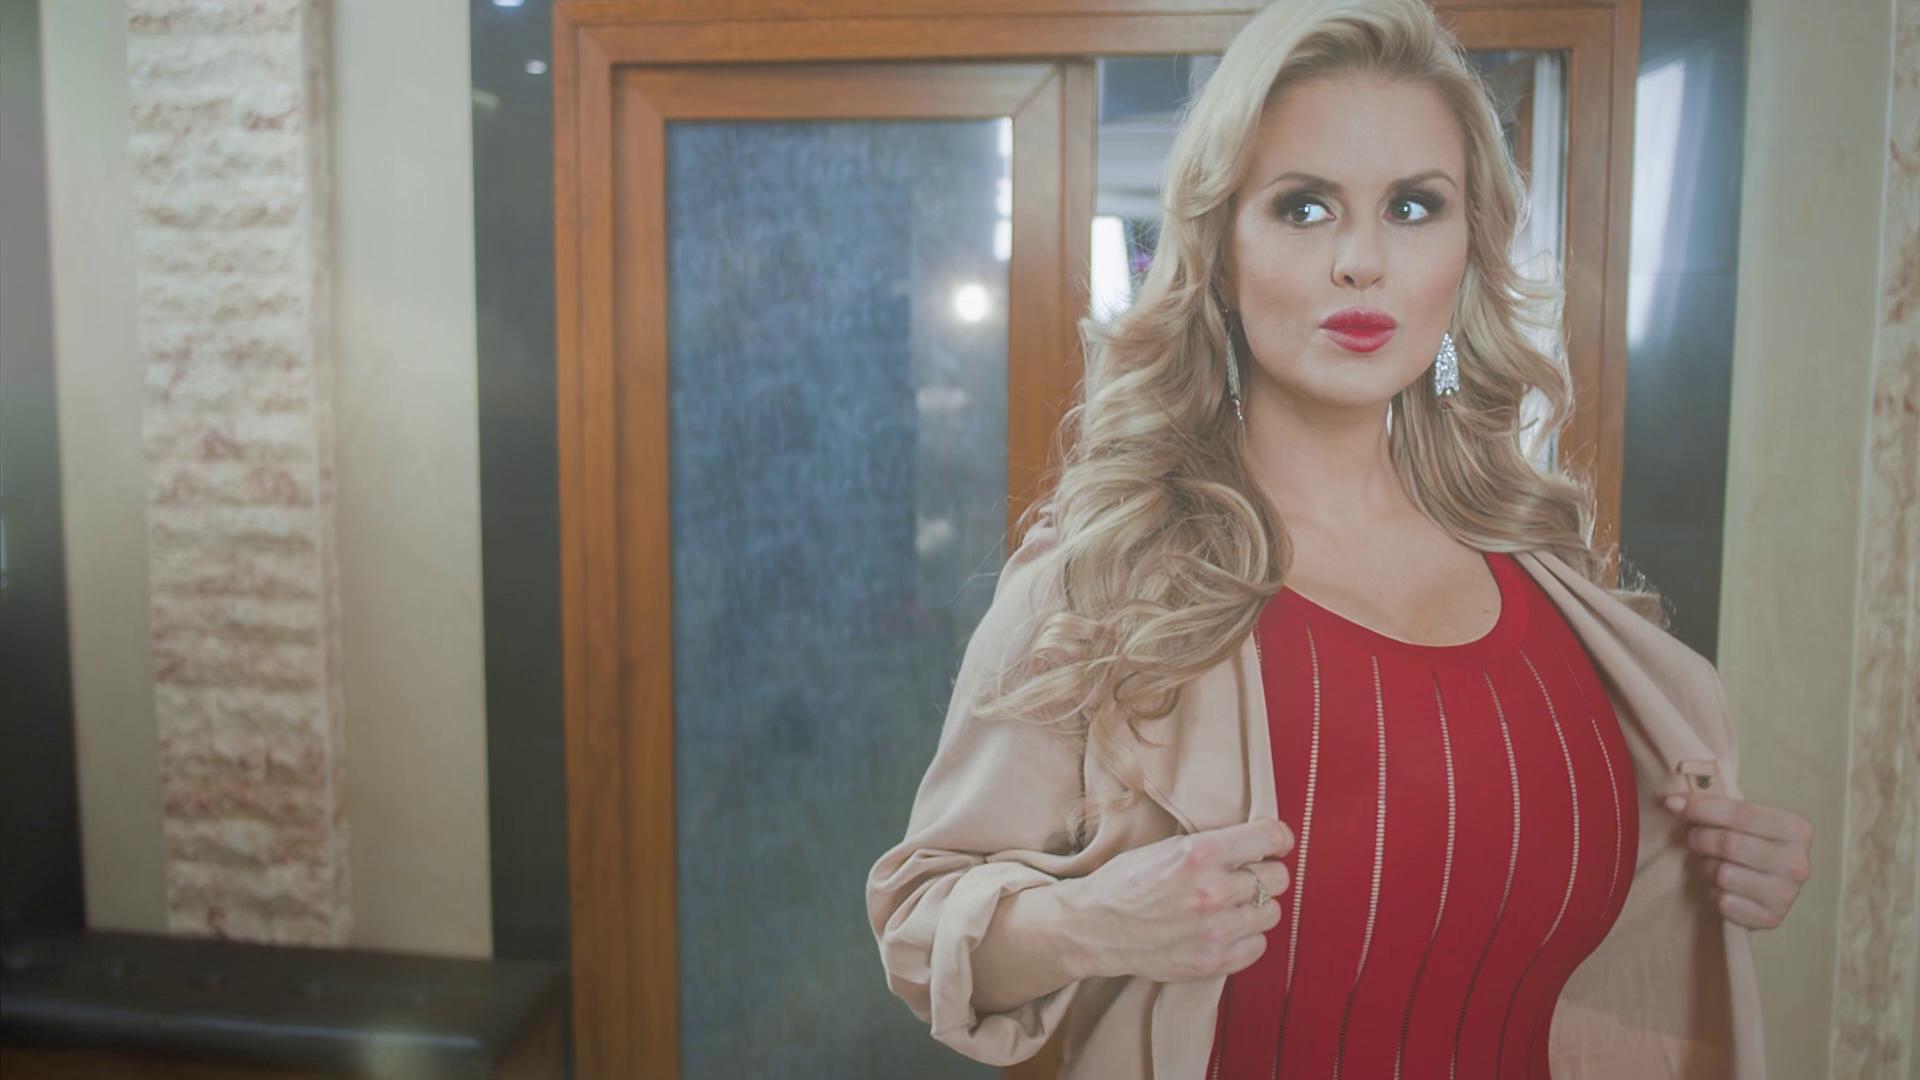 Трогает грудь анны семенович, «Тайна раскрыта! - Стас Костюшкин проверил 12 фотография